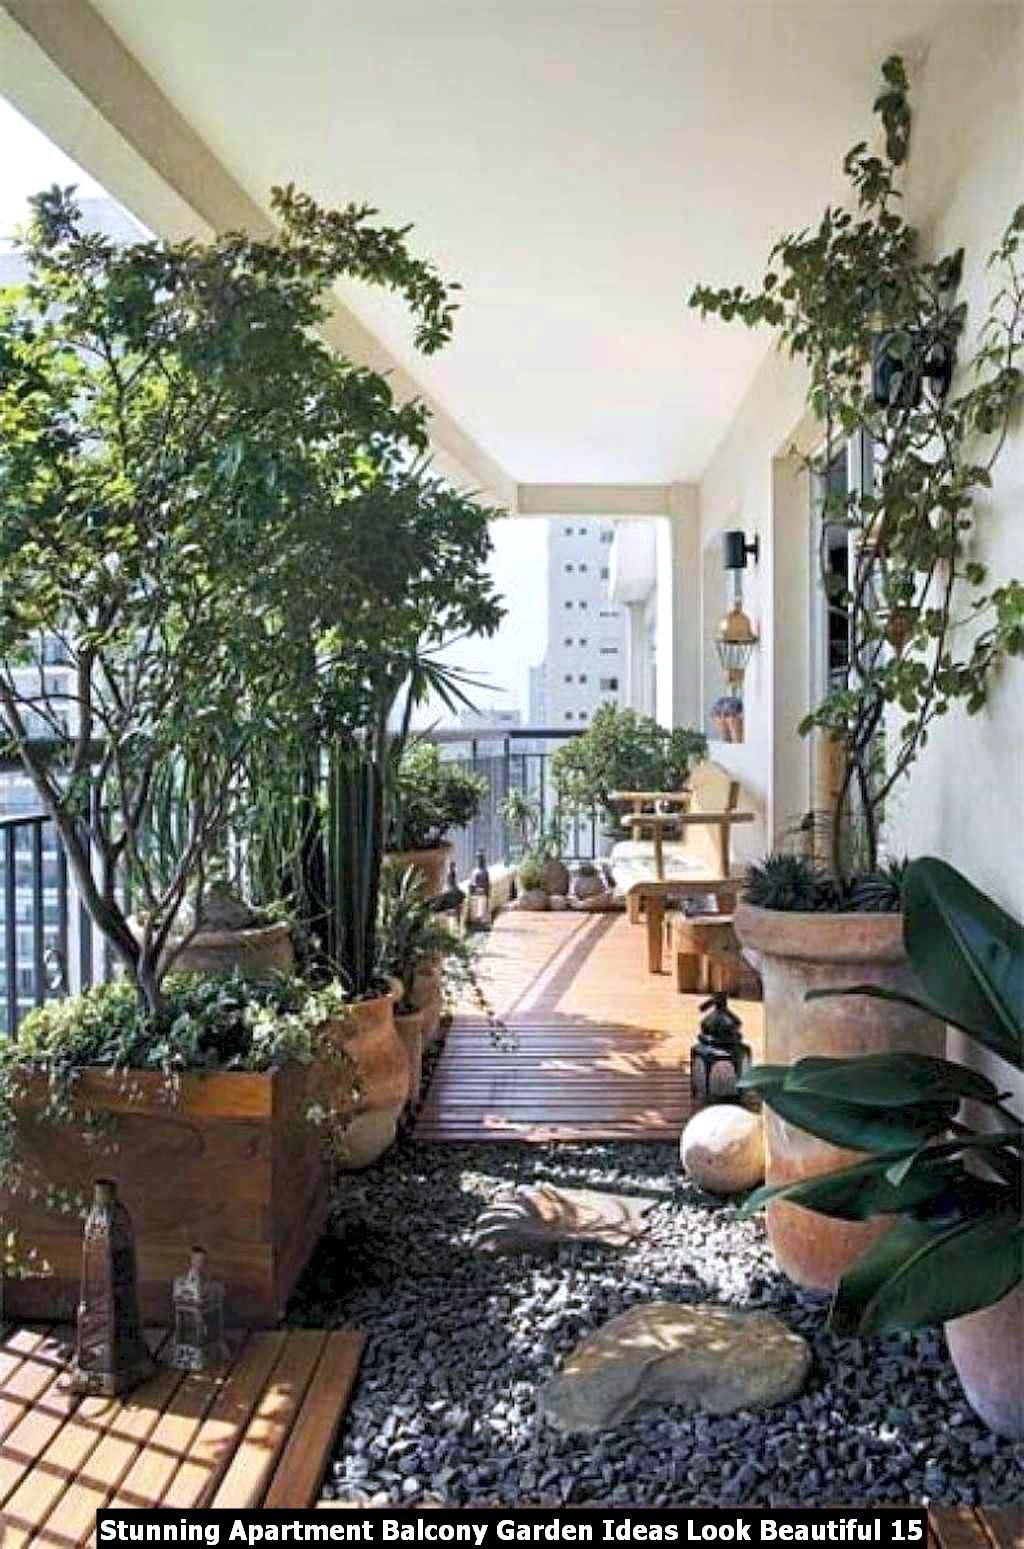 Stunning Apartment Balcony Garden Ideas Look Beautiful 15